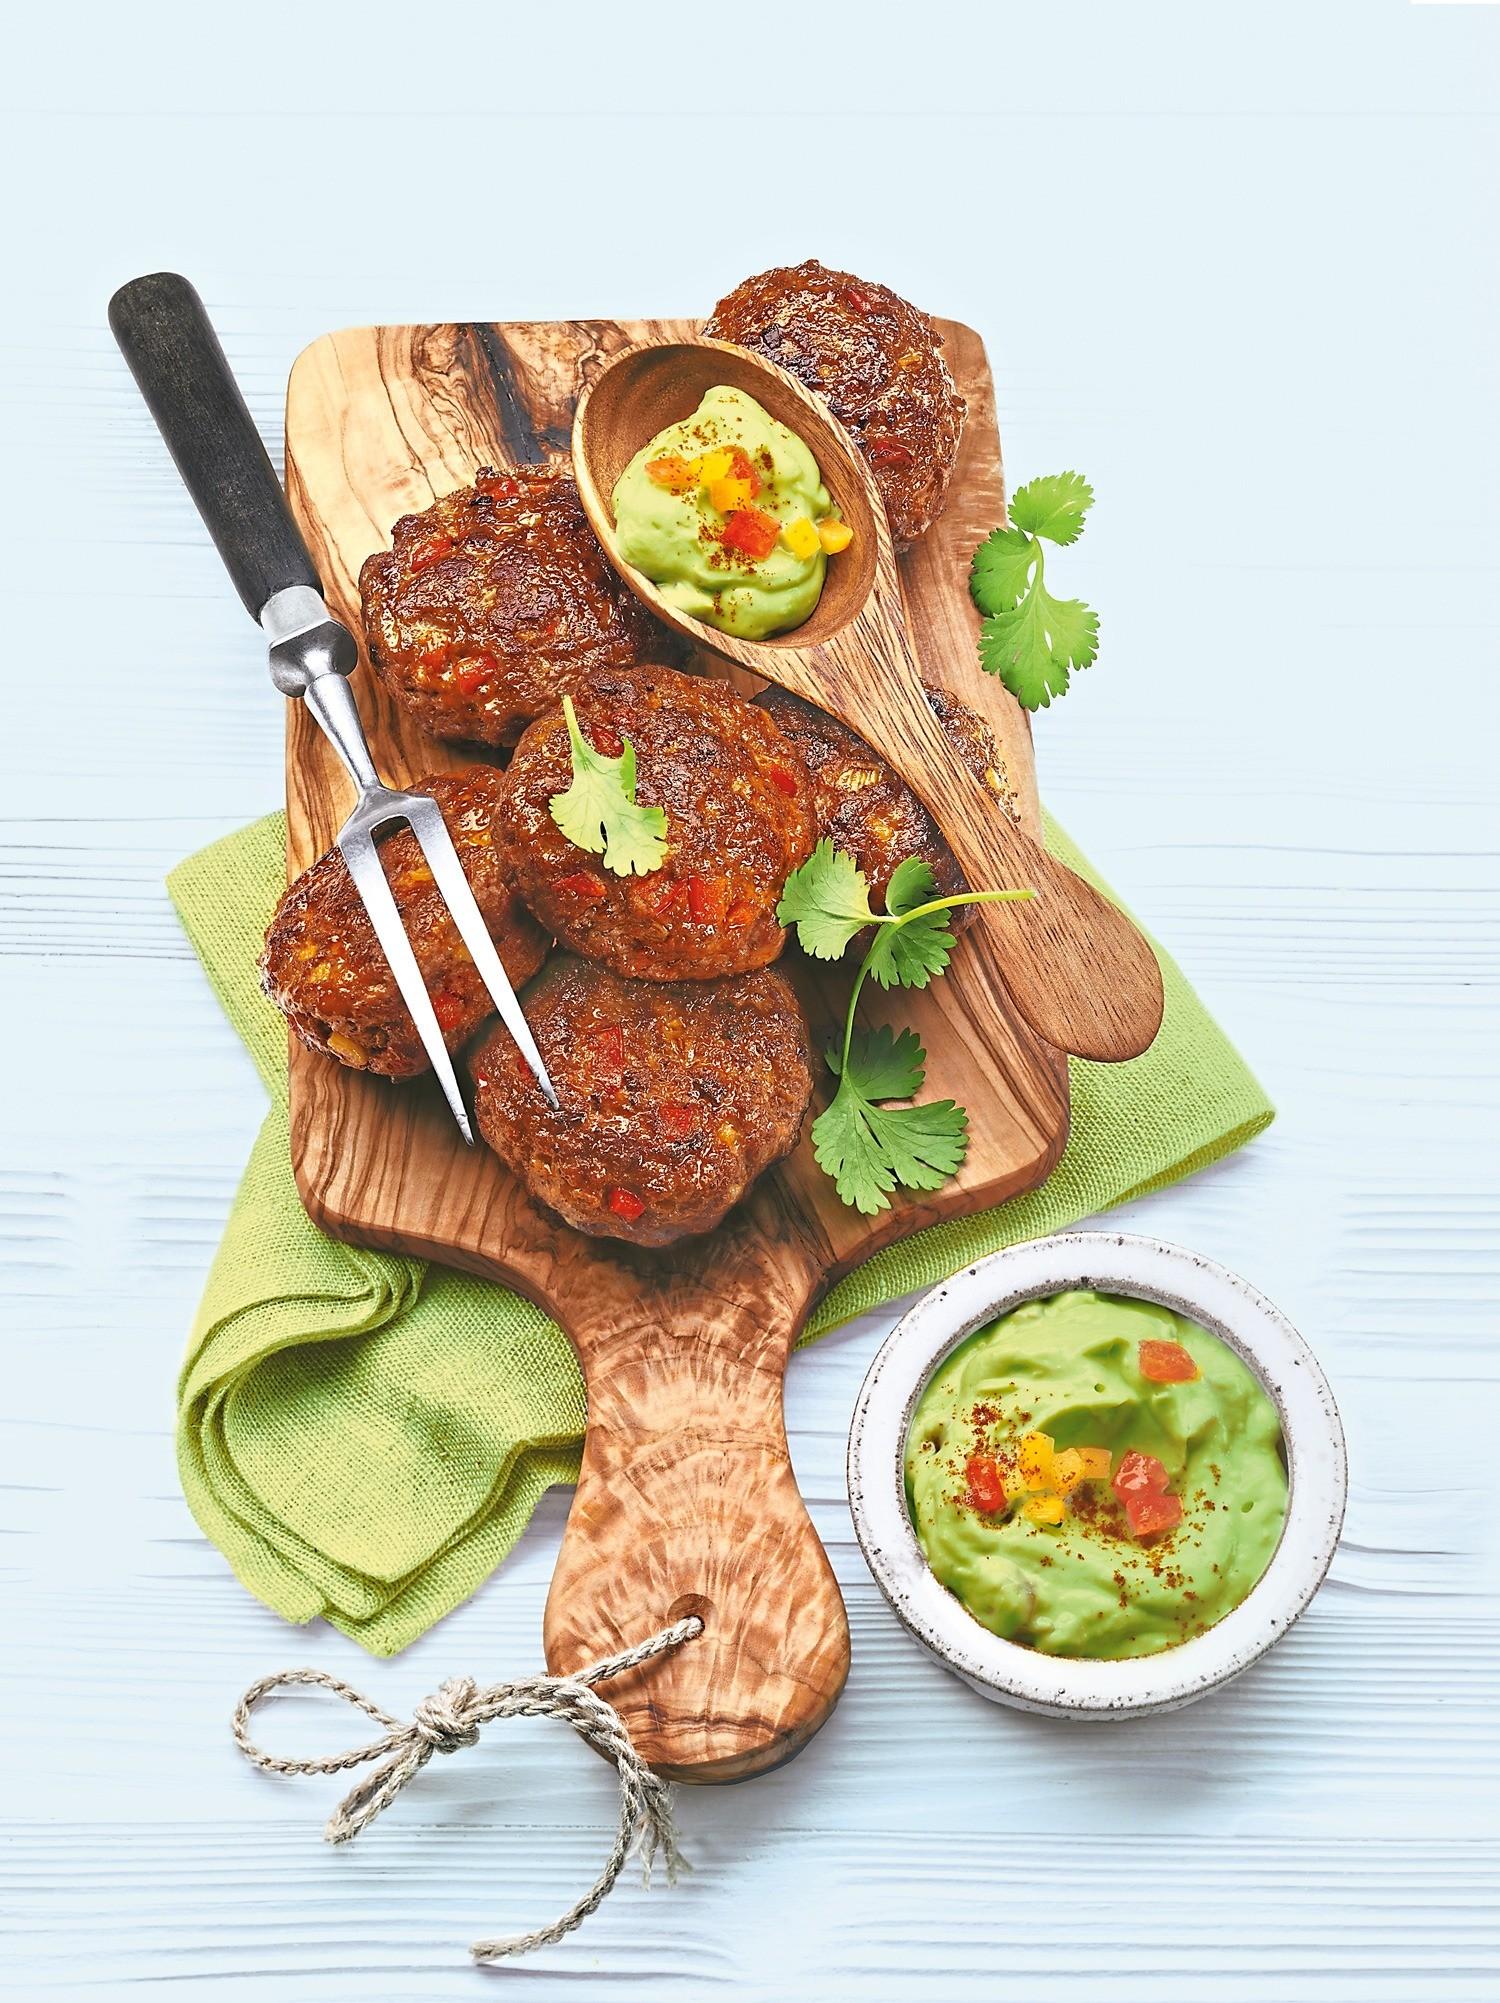 Новая жизнь обычного блюда: рецепт тефтелей с соусом из авокадо